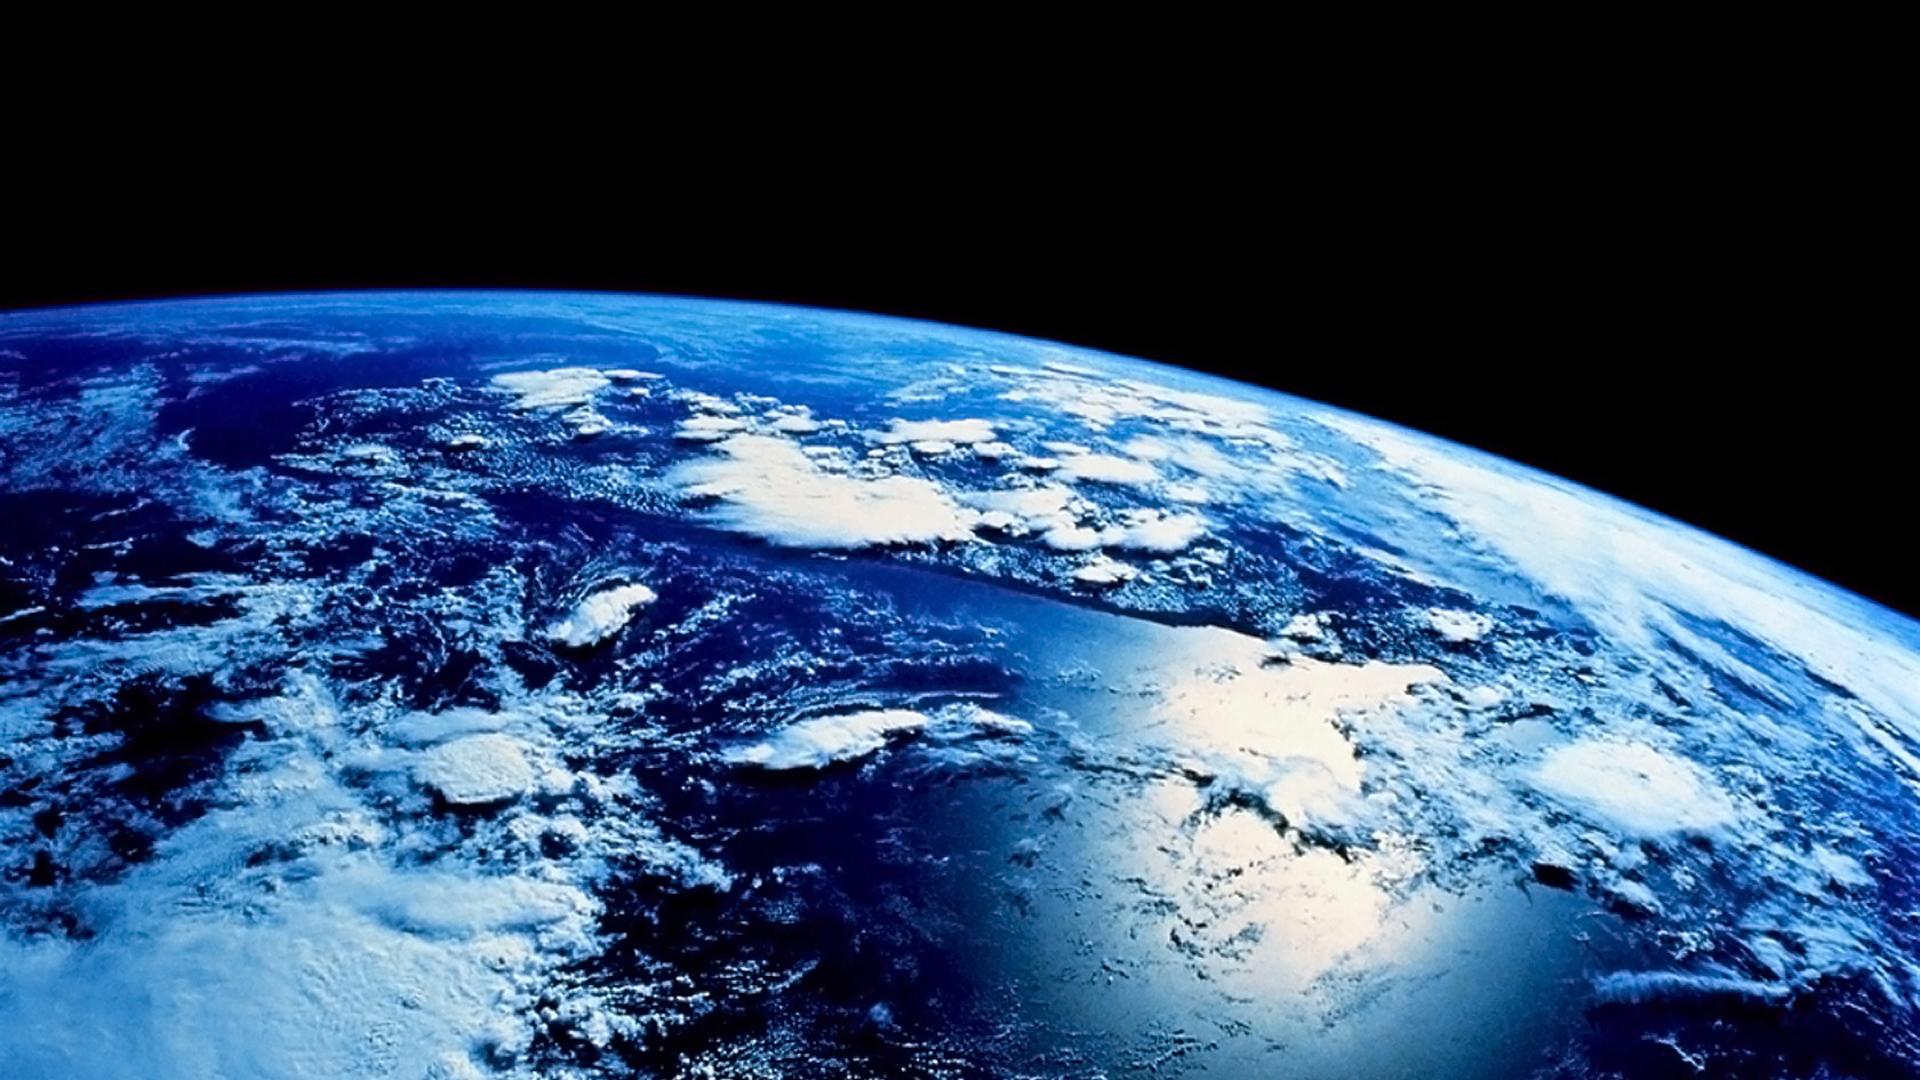 Earth Wallpaper HD - WallpaperSafari